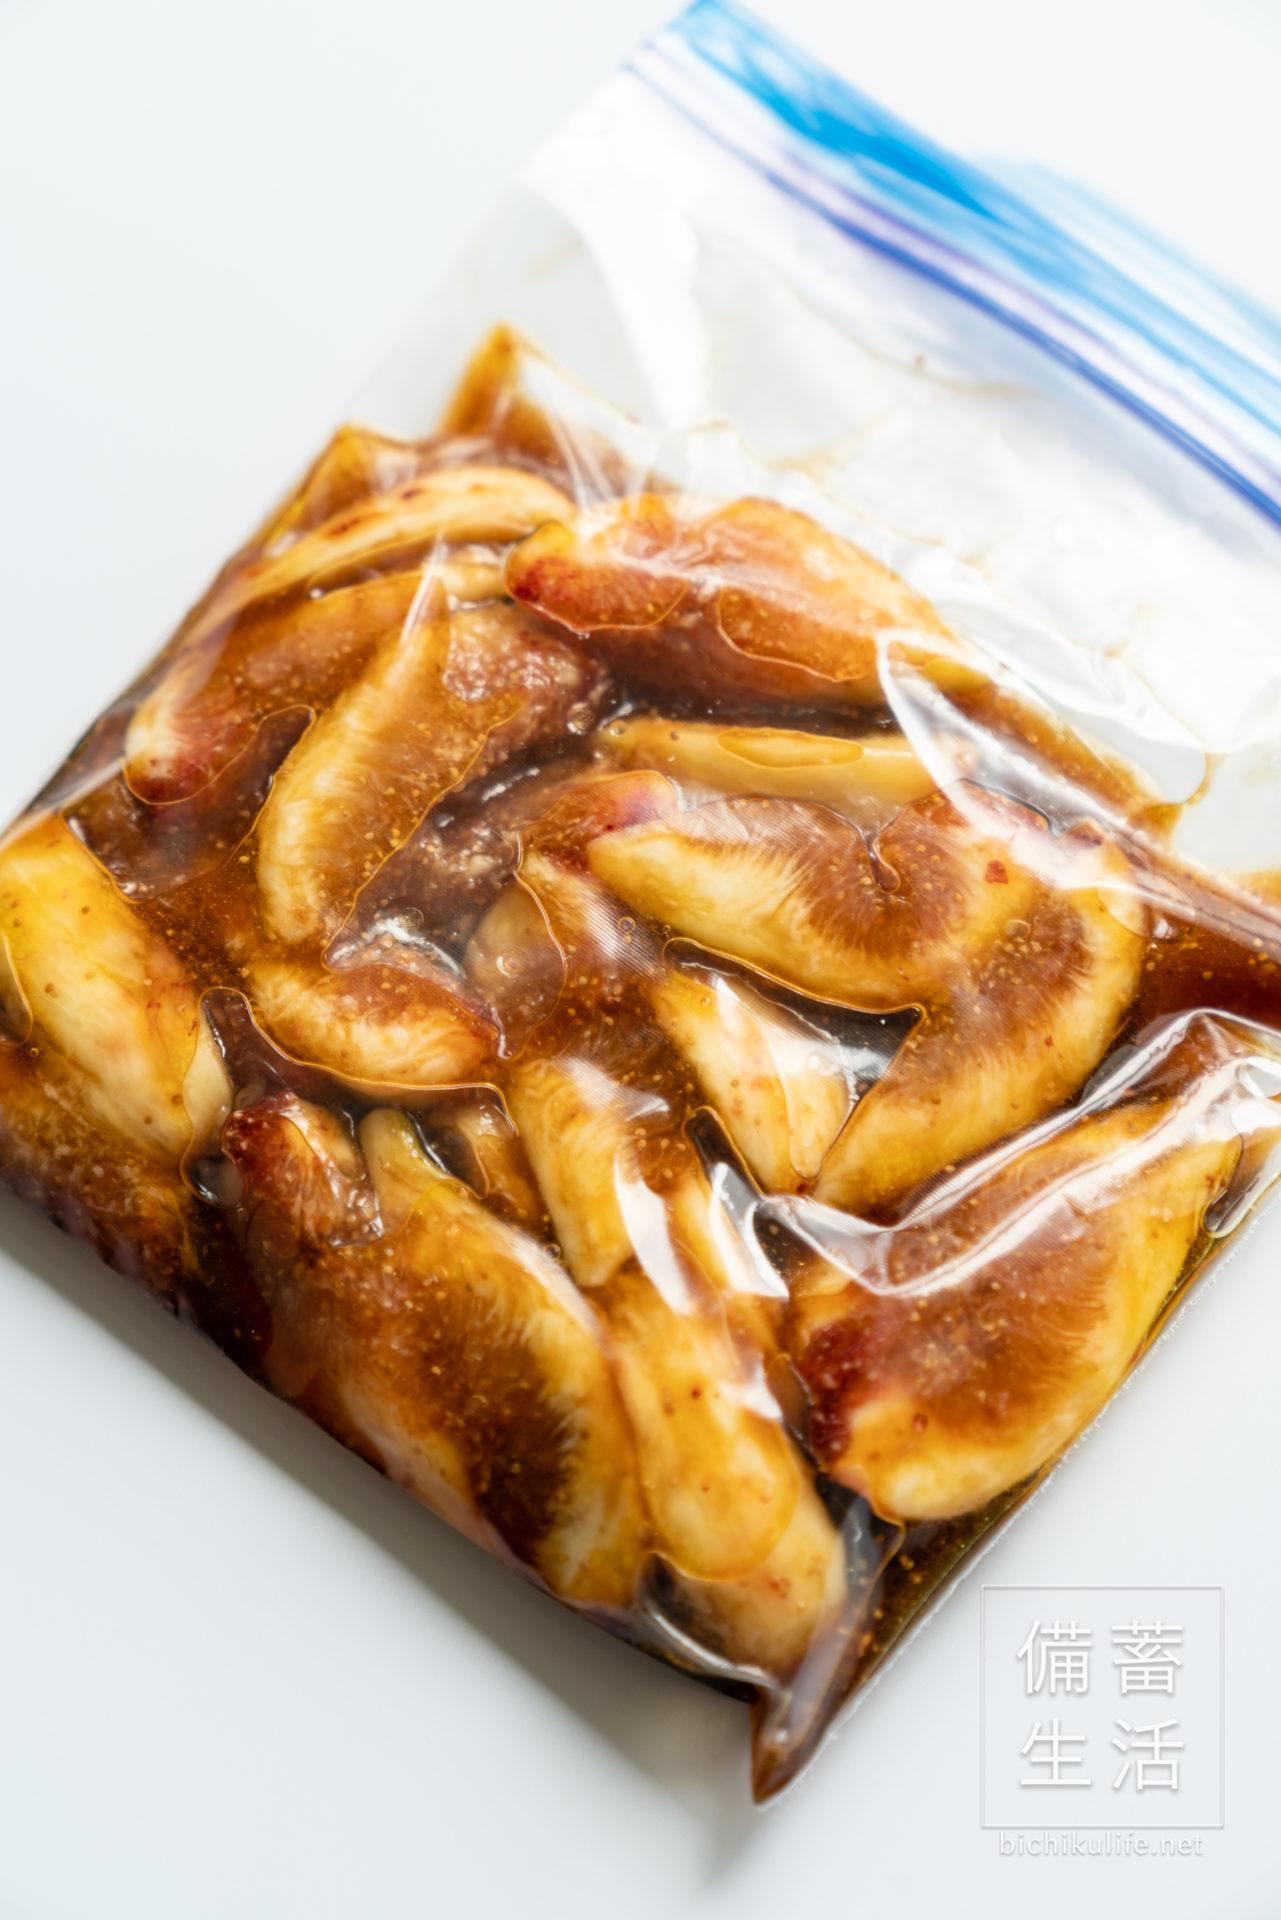 イチジクのバルサミコマリネの作り方 レシピ